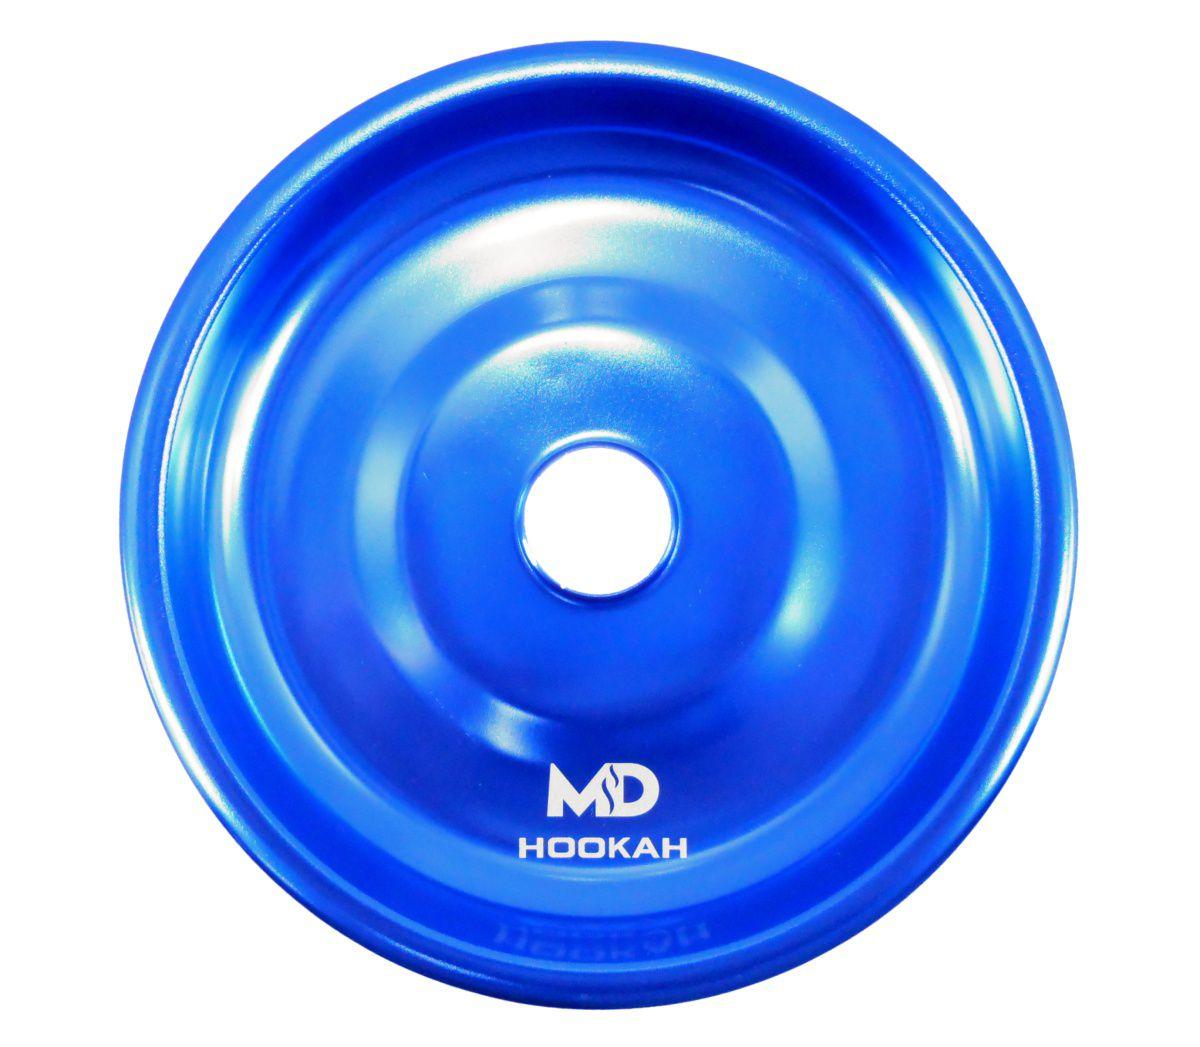 Prato para narguile em alumínio marca MD, tamanho médio (13,3cm de diâmetro, furo 2,2cm). Azul